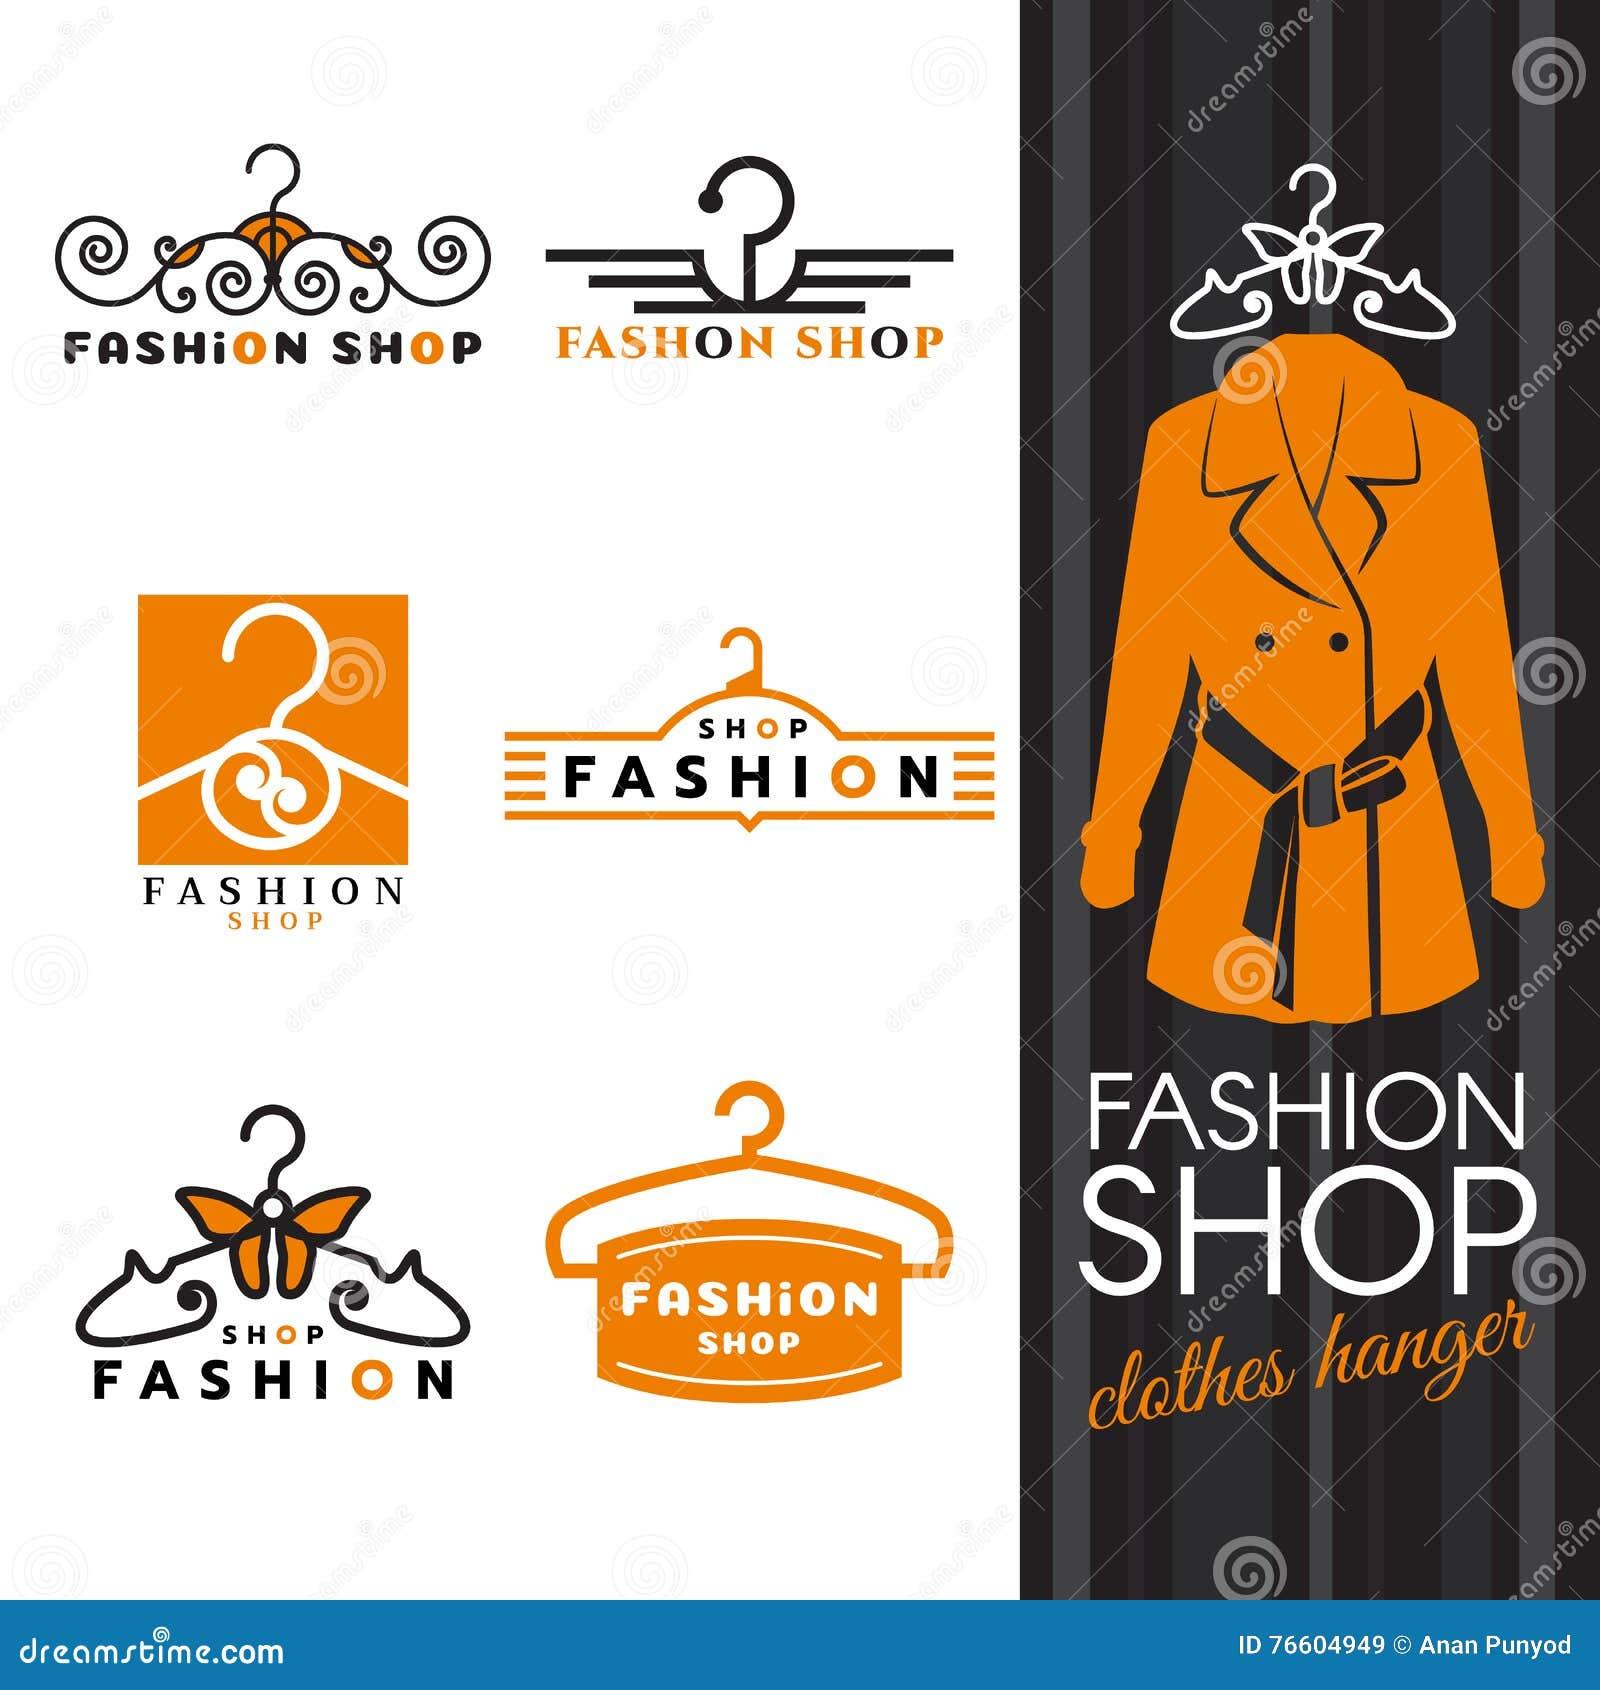 Forme el logotipo de la tienda - vector del logotipo las camisas y de la suspensión de ropa anaranjadas diseño determinado